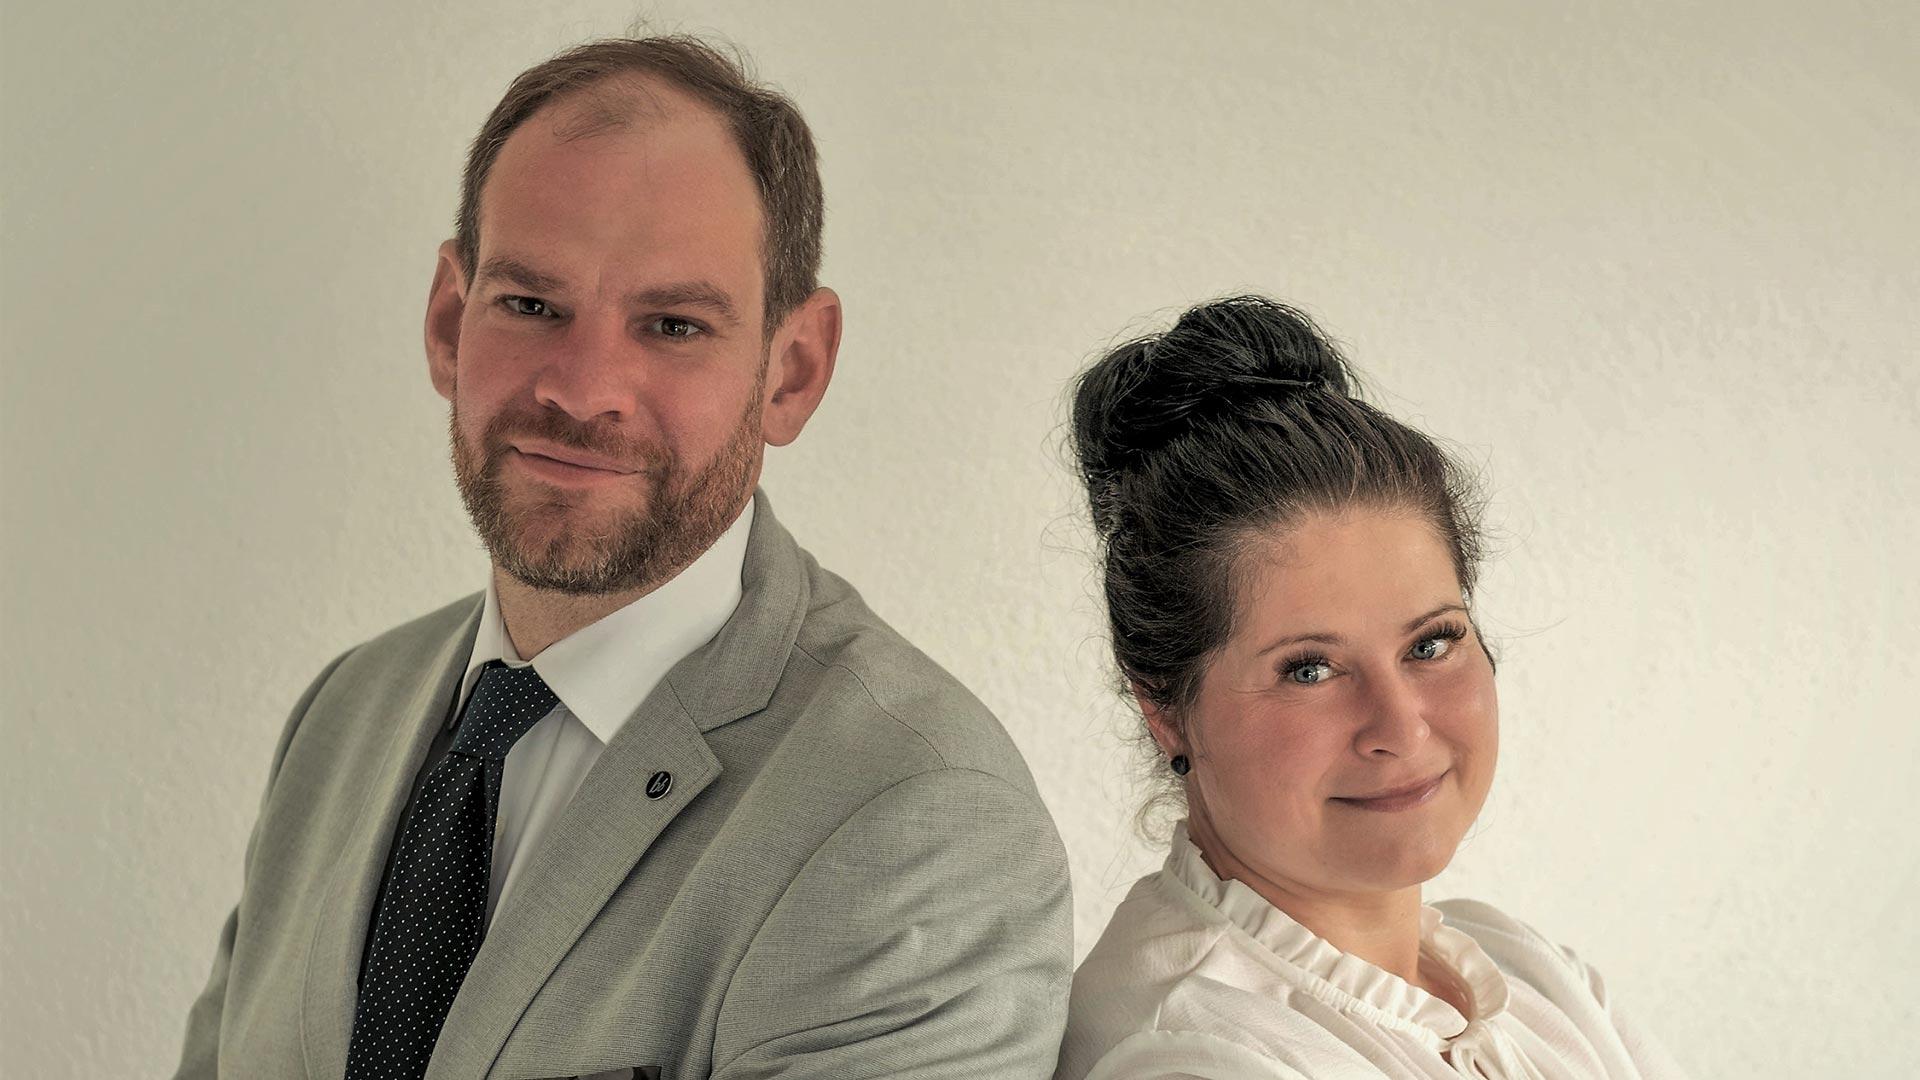 Arnd Rößner und Dunja Borchardt-Rößner CEO / Founder